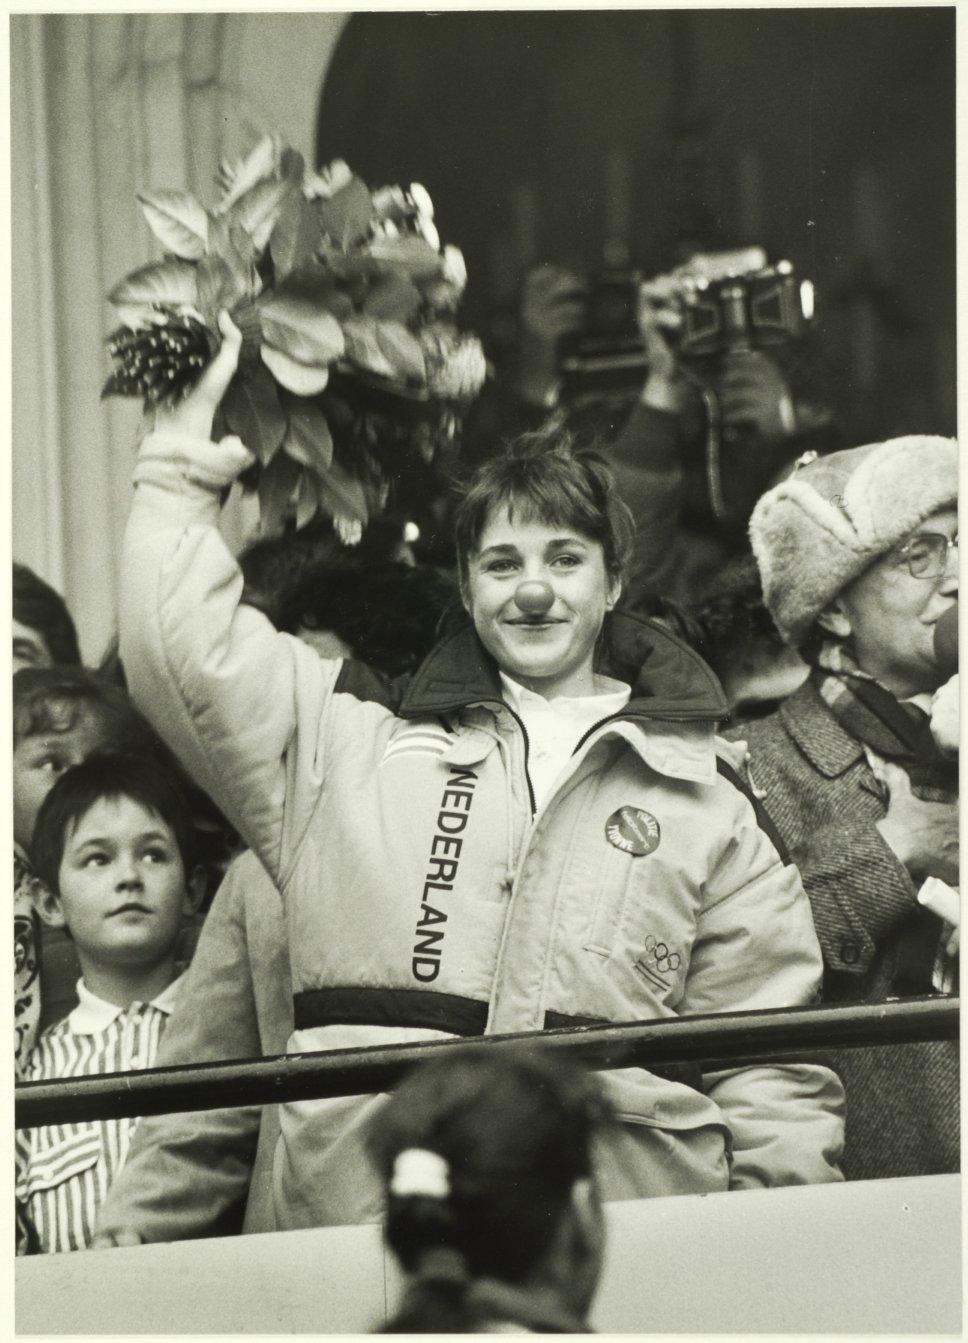 Yvonne van Gennip, huldiging Haarlem 1988.